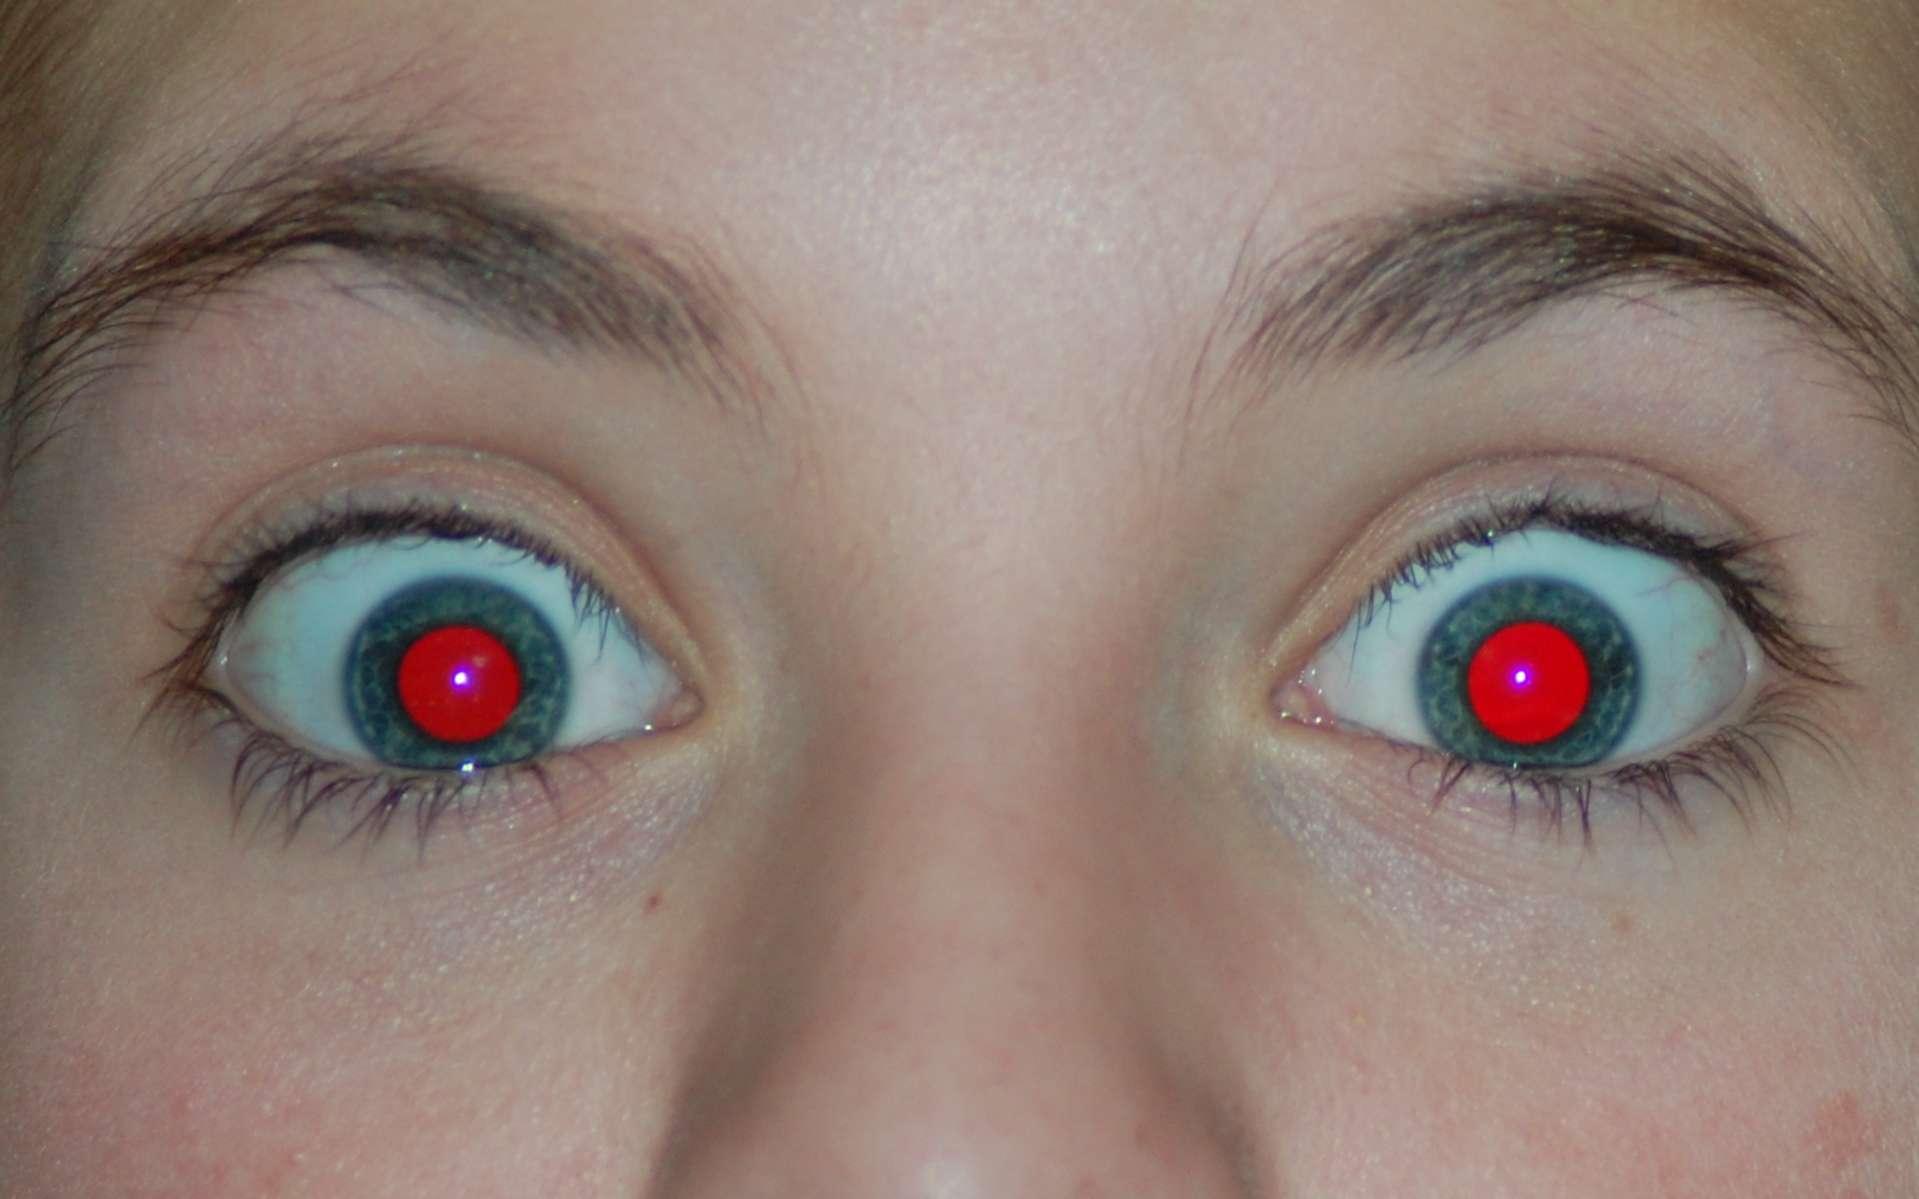 L'effet yeux rouges se produit lorsque la lumière du flash d'un appareil photo vient frapper le fond de l'œil. © PeterPan23, Wikipedia, DP